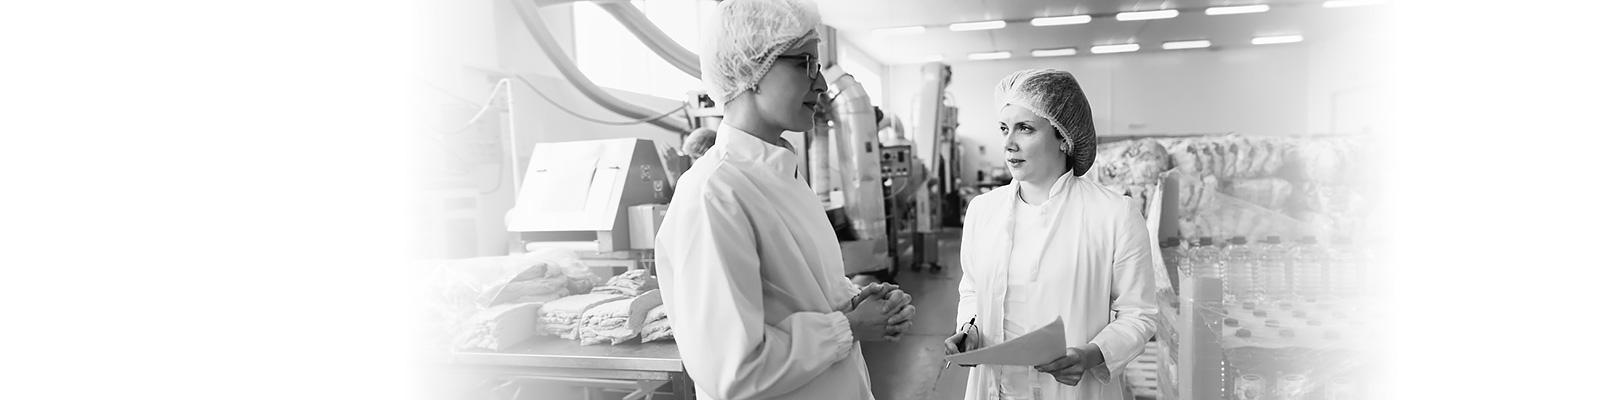 女性 工場 労働 イメージ